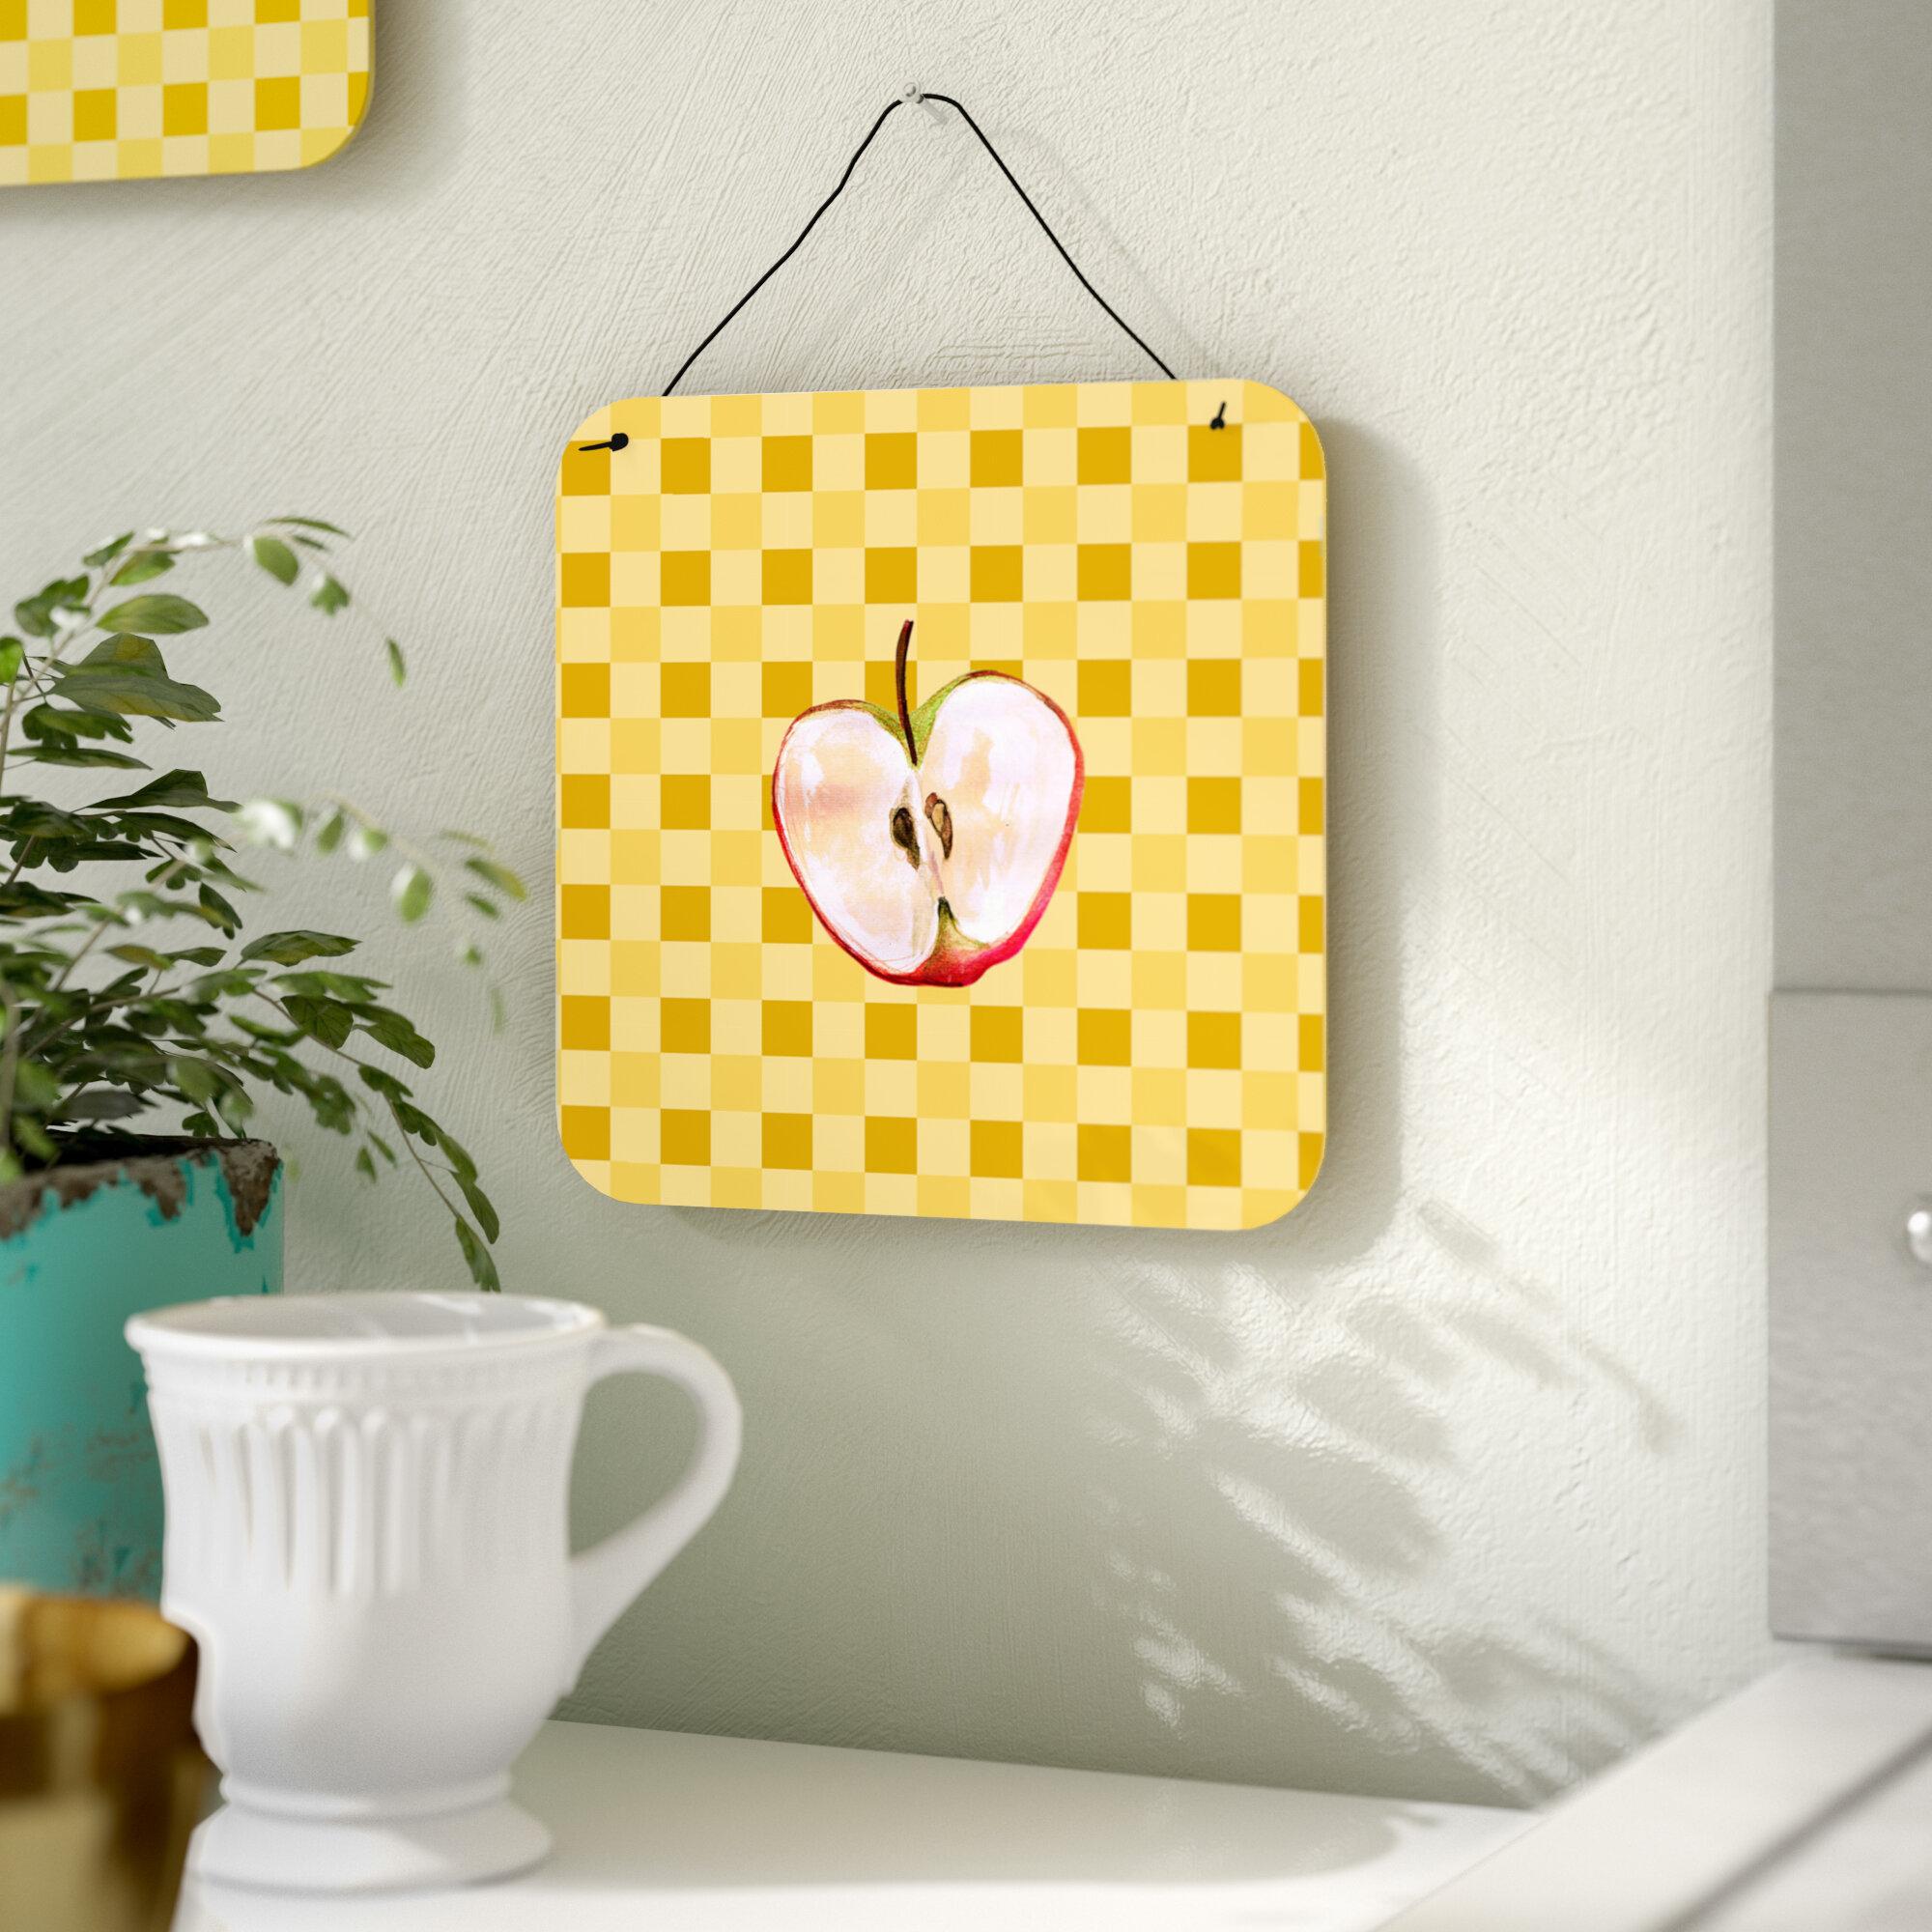 August Grove Half Apple on Basketweave Wall Décor | Wayfair